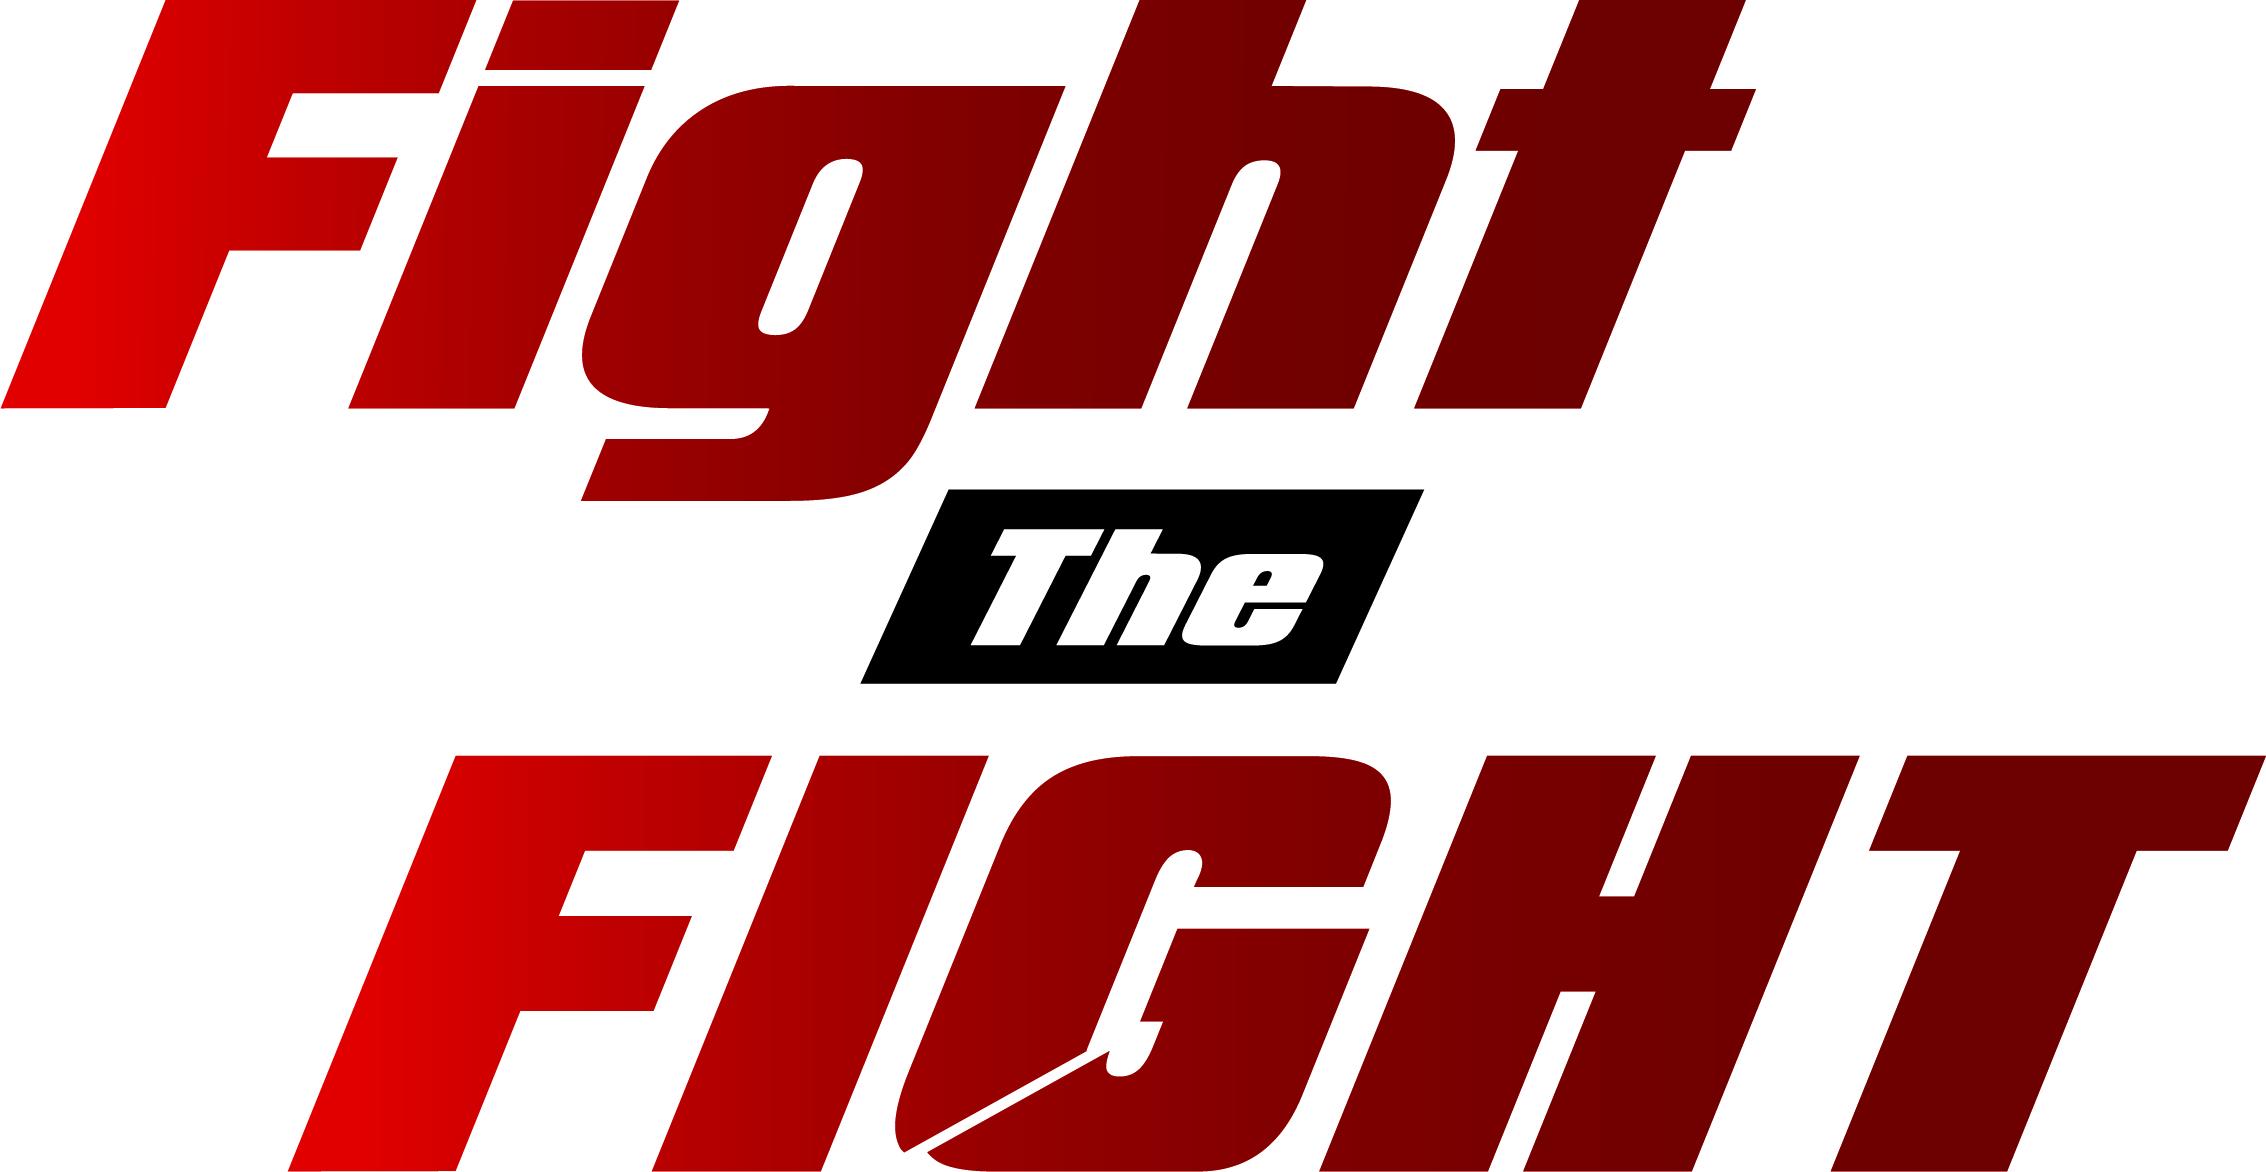 FightTheFIGHT